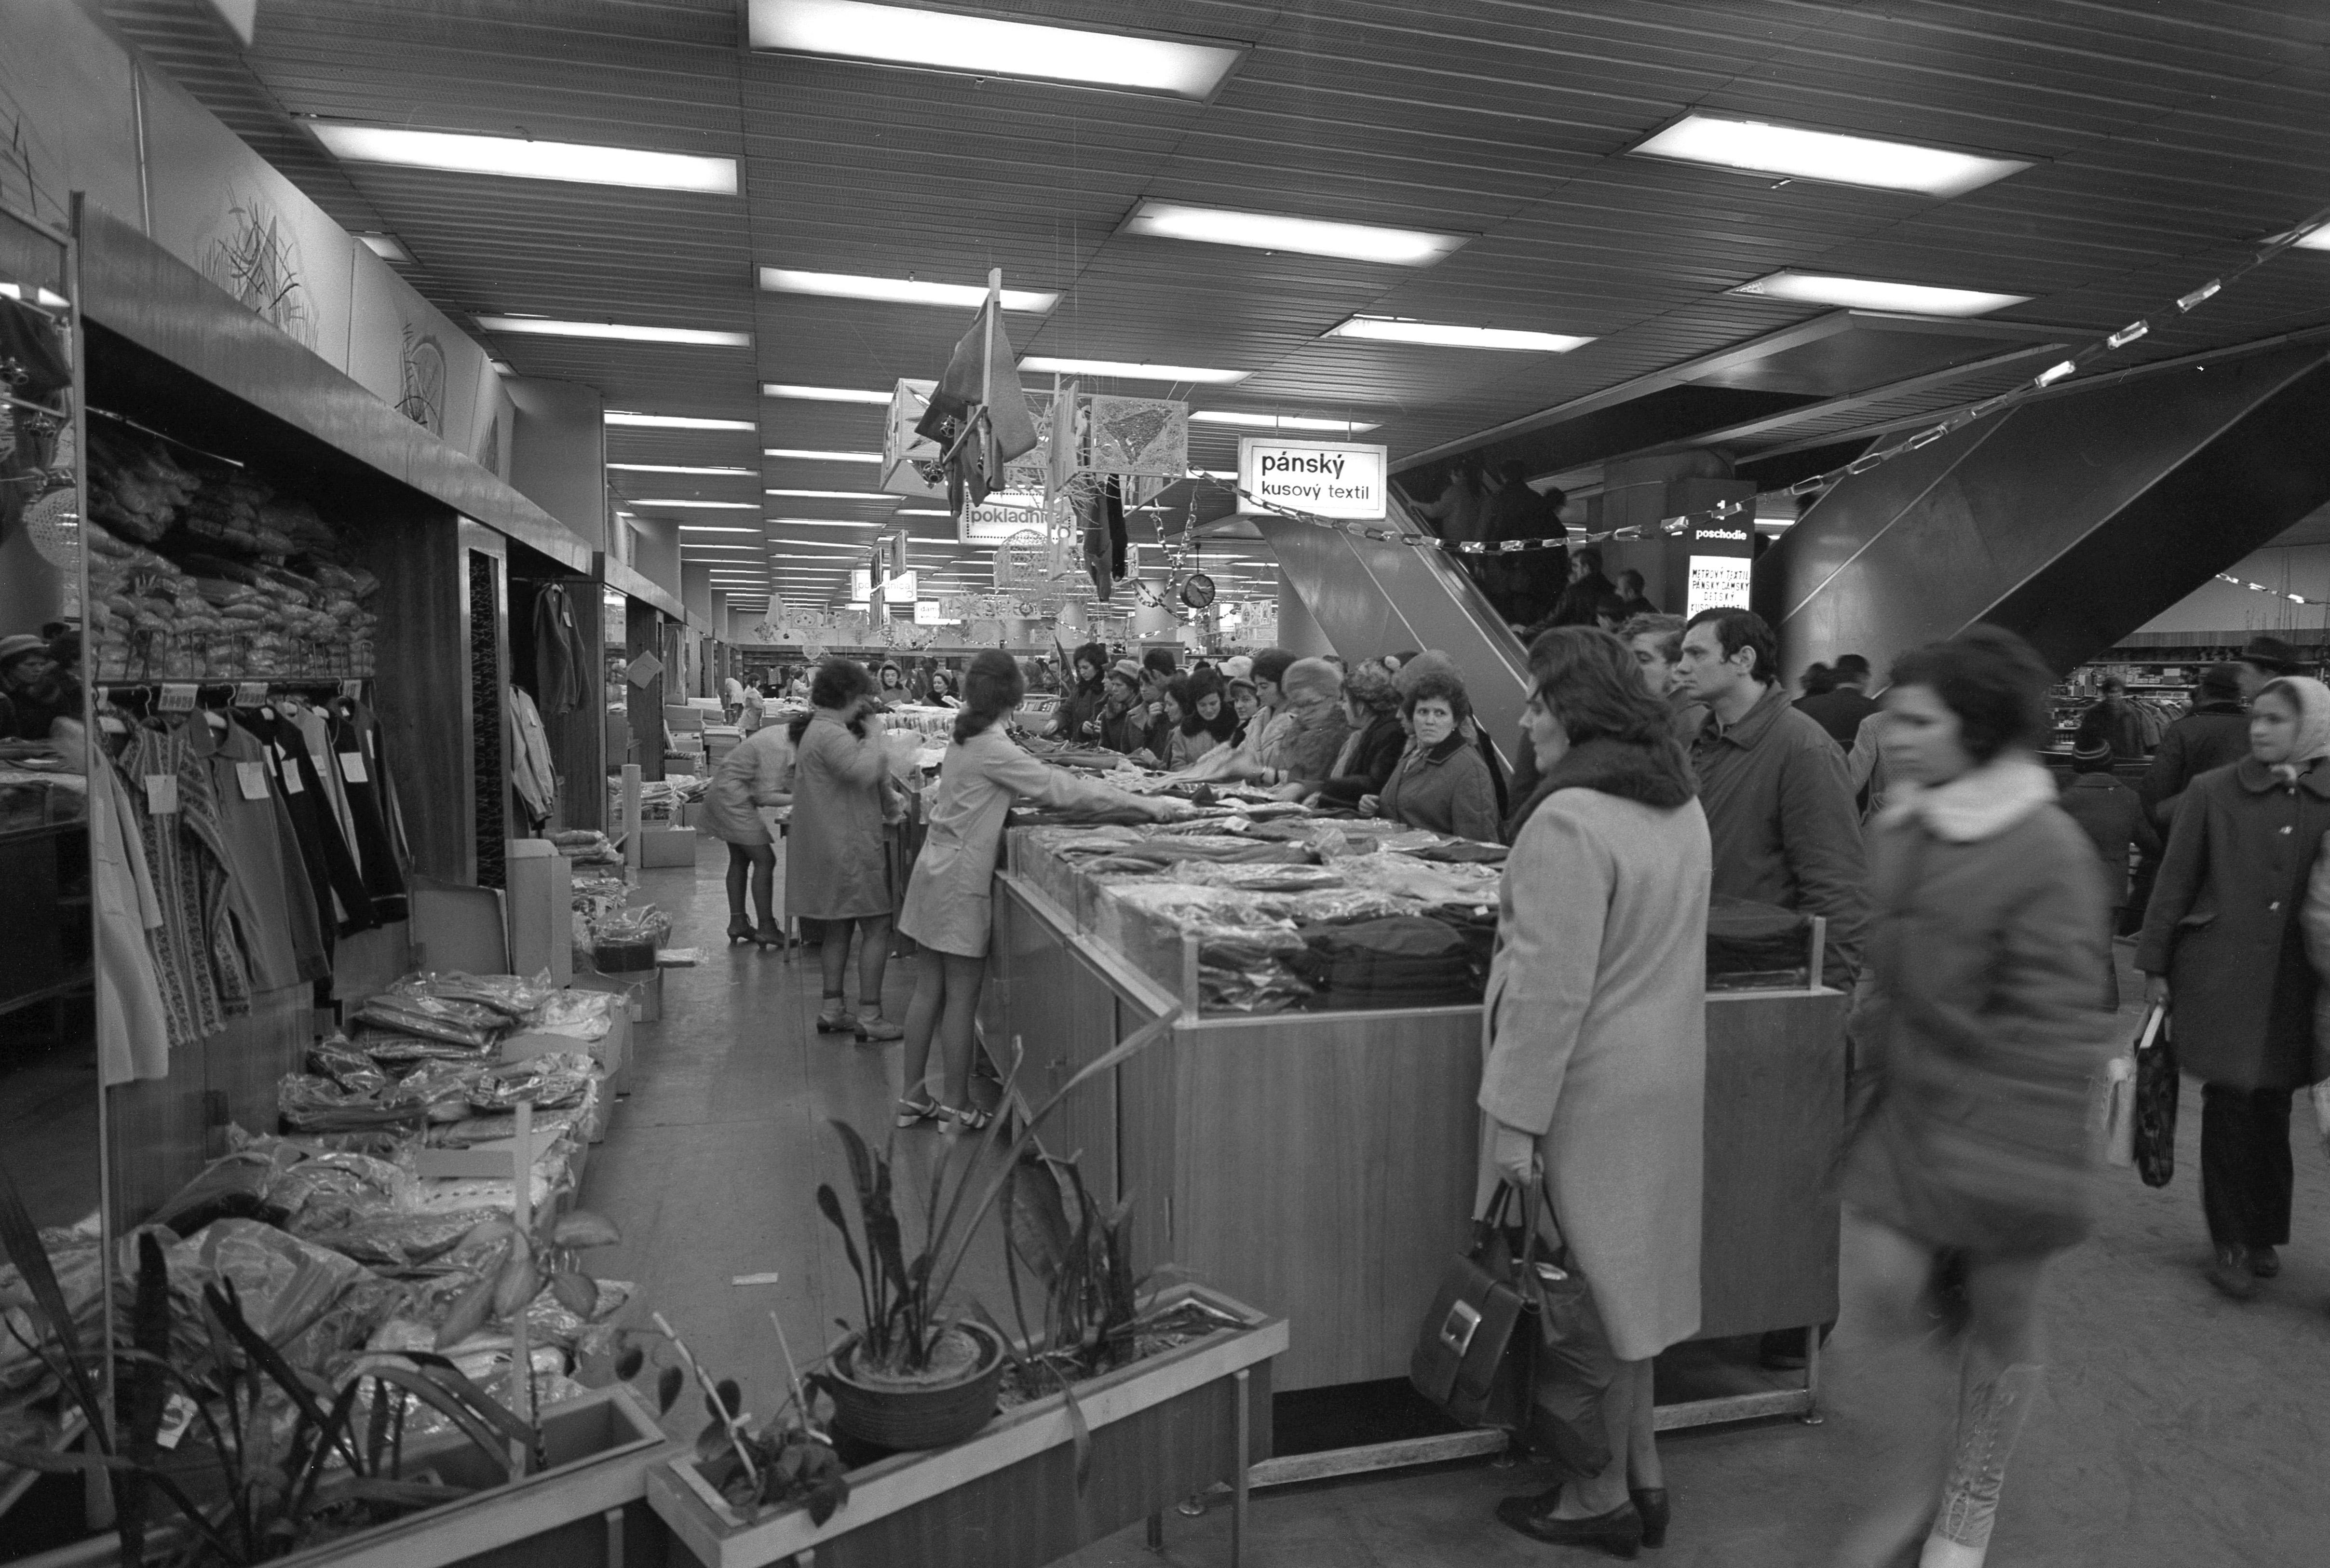 Na archívnej snímke z 20. decembra 1973 kupujúci si prehliadajú textilné výrobky počas predvianočných nákupov v novom obchodnom dome Prior v Košiciach.